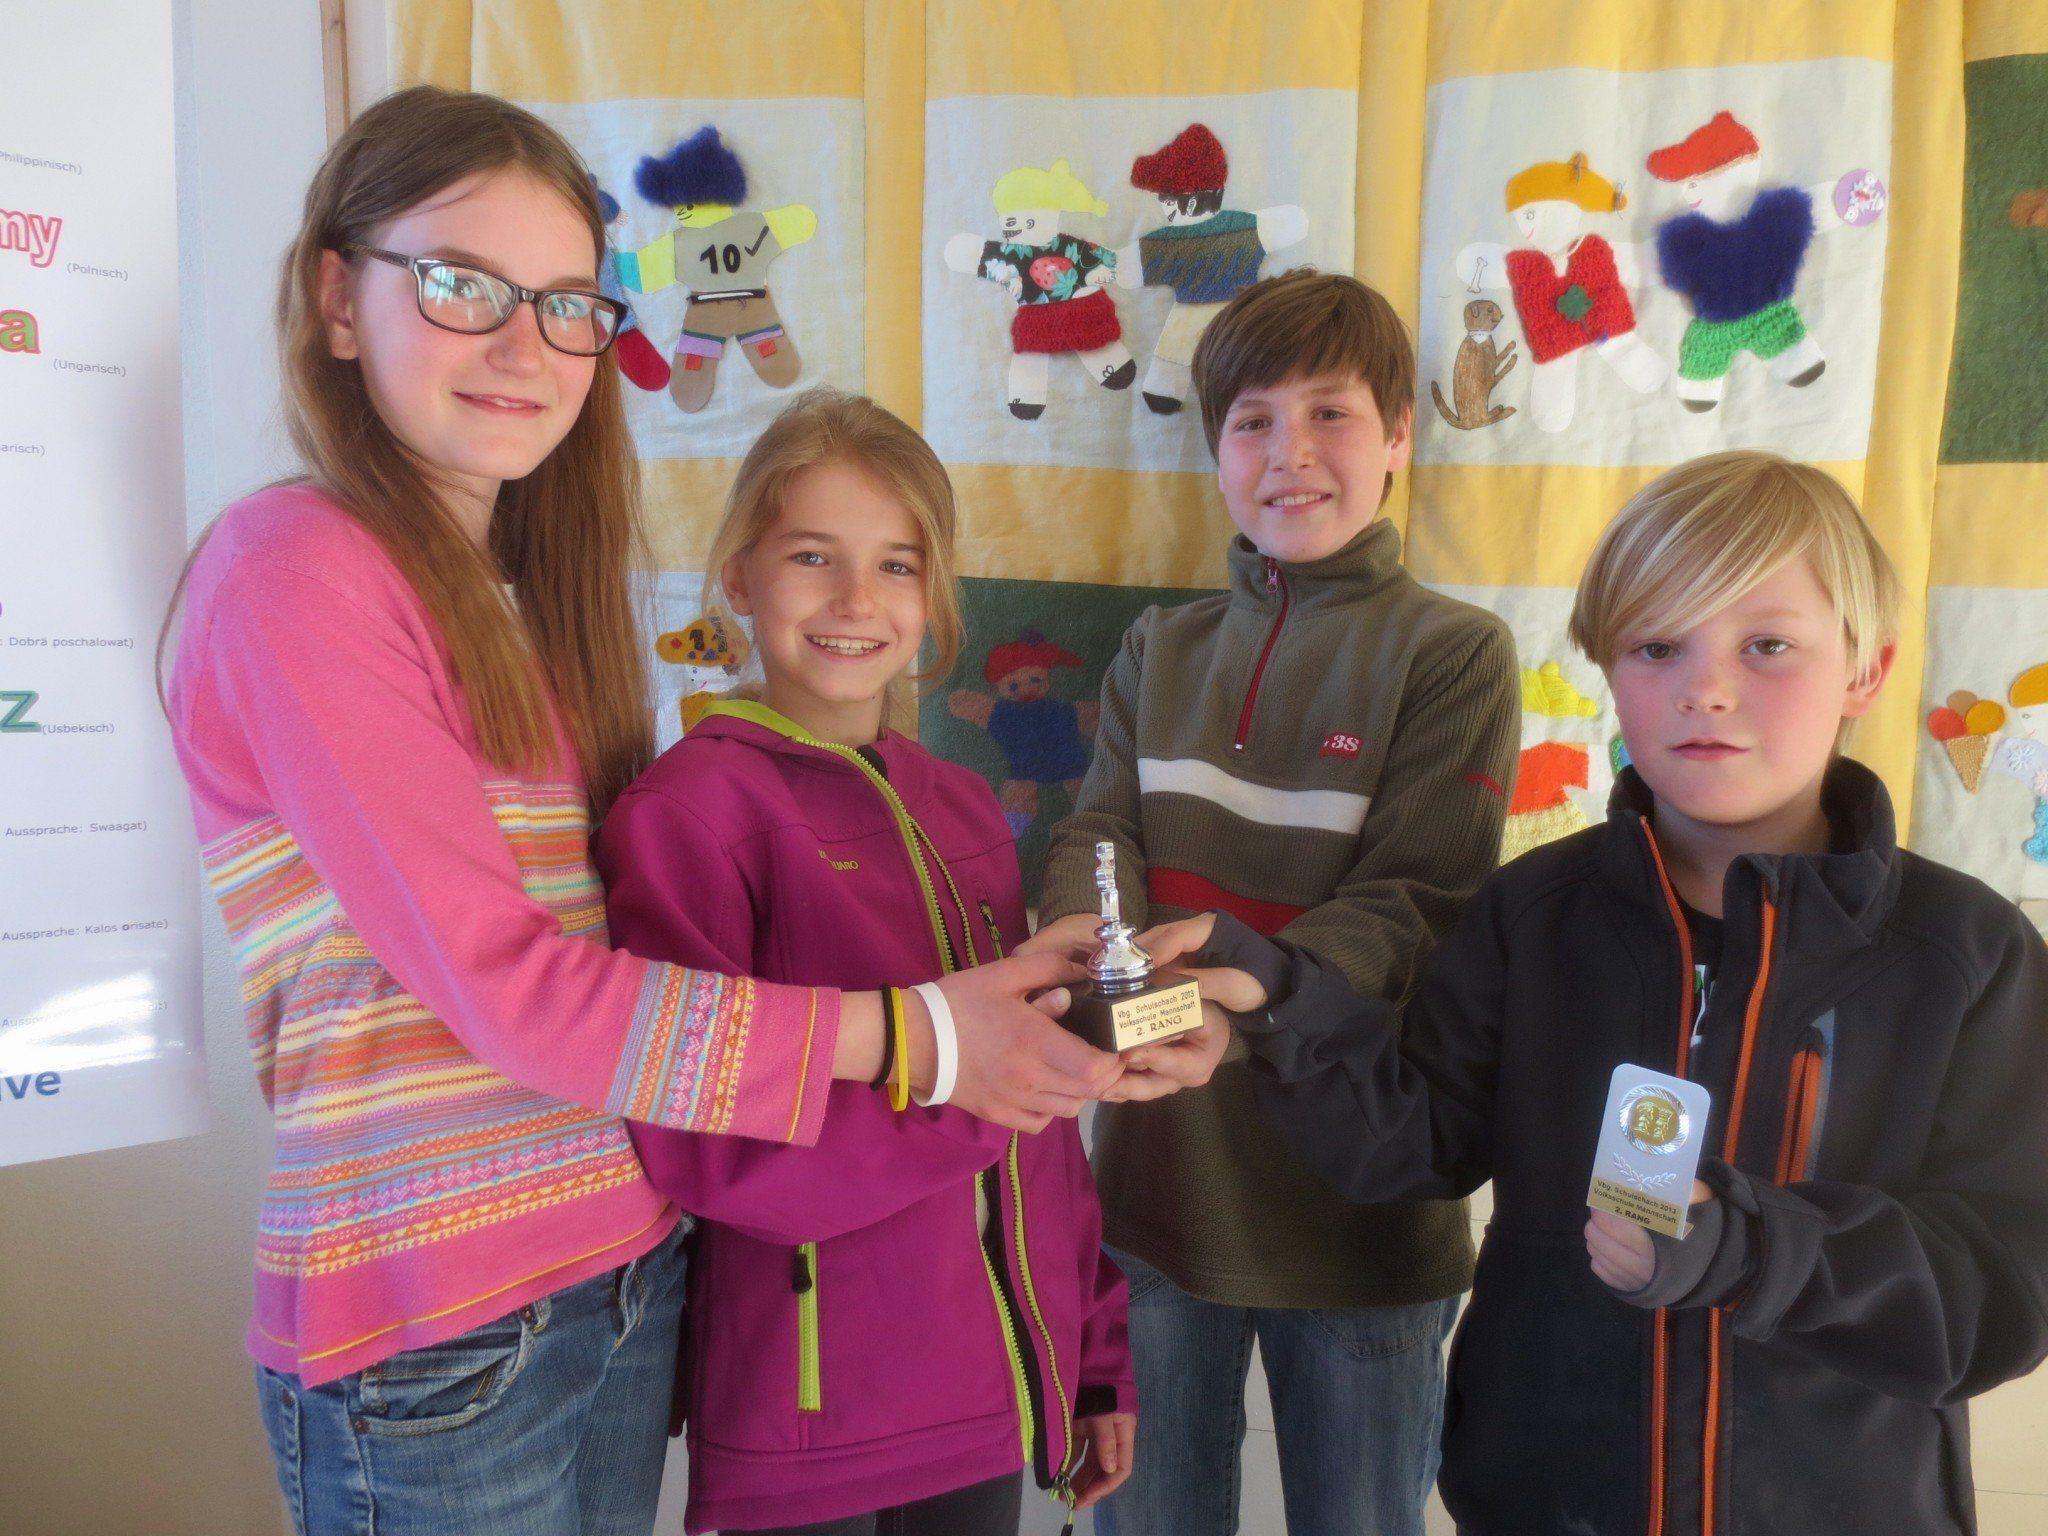 Das Team der Volksschule Lochau mit Edith Scheil, Antonia Feigl, Josef Scheil und Jakob Schwarzenbacher holte sich den ausgezeichneten 2. Platz.